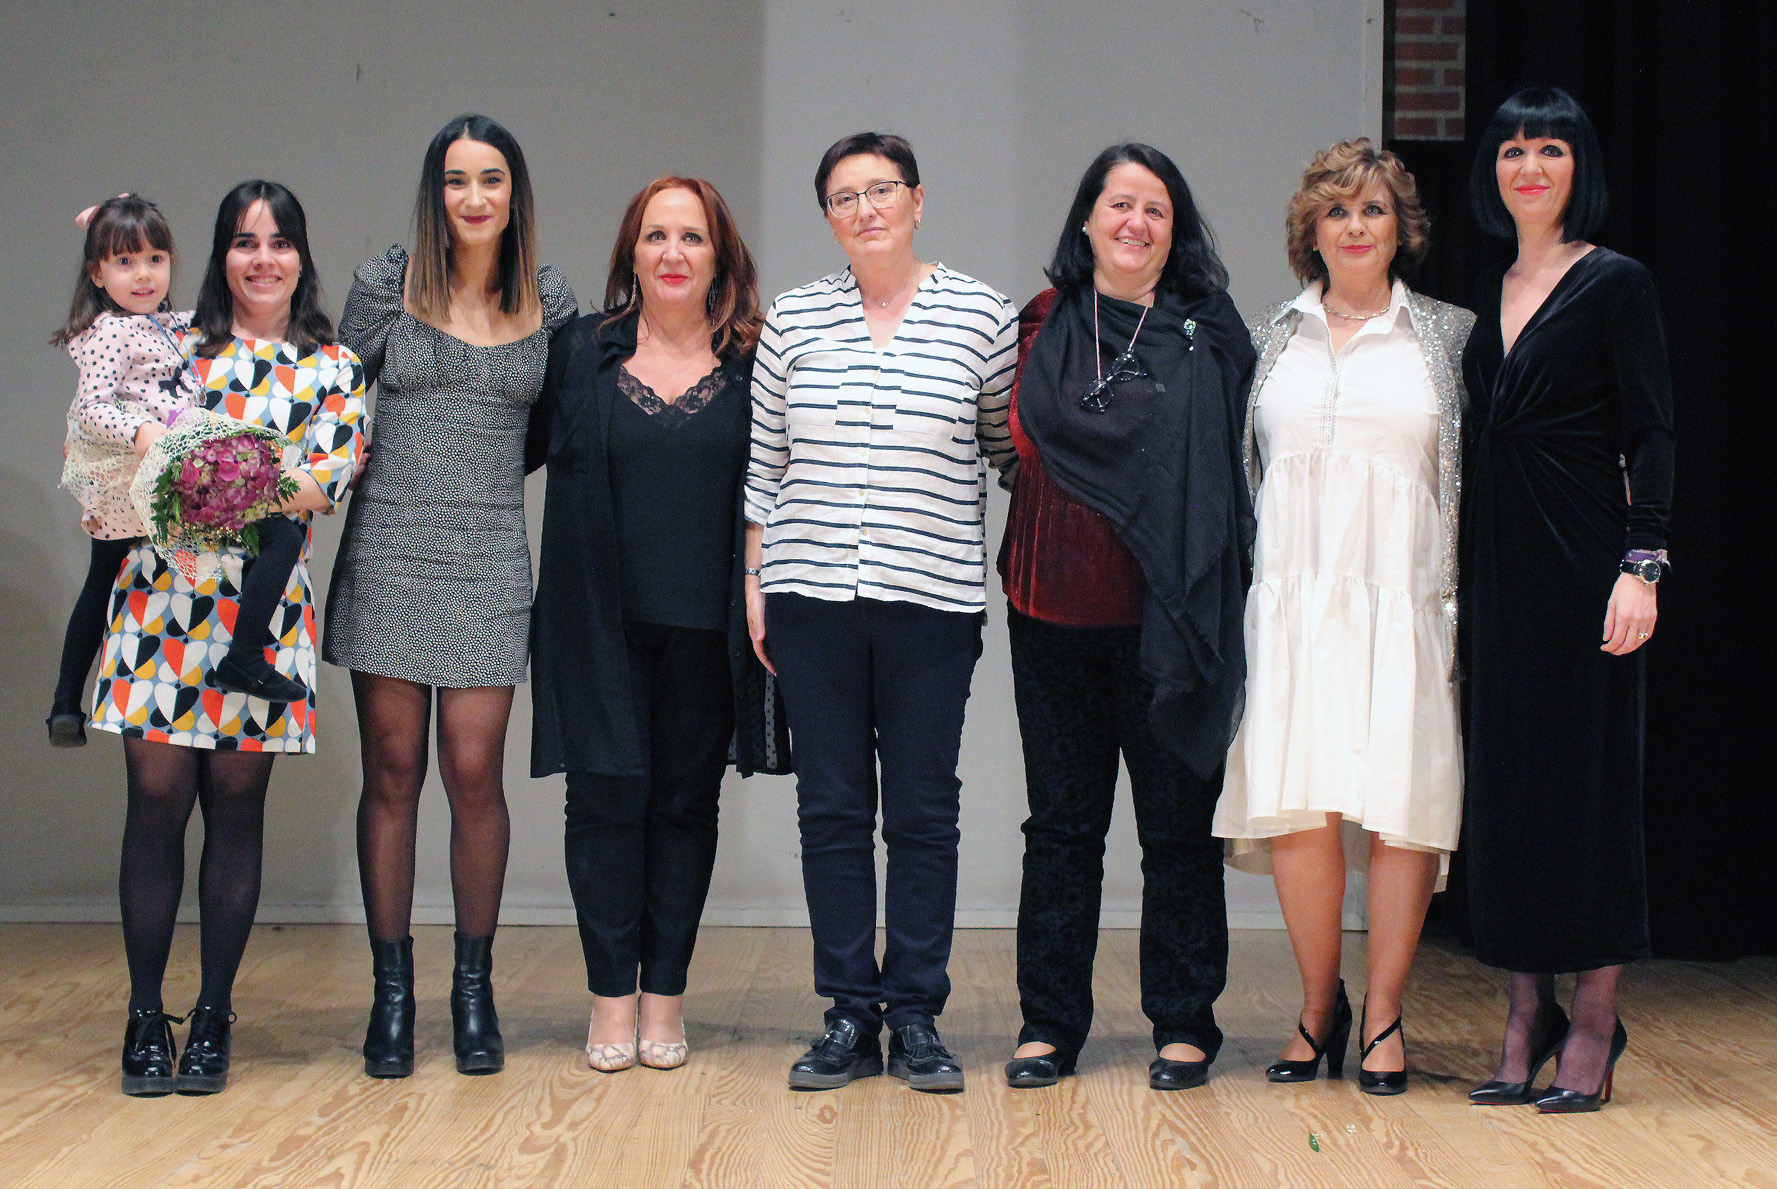 ELLA Homenajeó A Cinco Mujeres Por Su Trayectoria En Diversos Campos: Ciencia E Investigación, Agricultura, Enfermería, Arte Y Mundo Empresarial